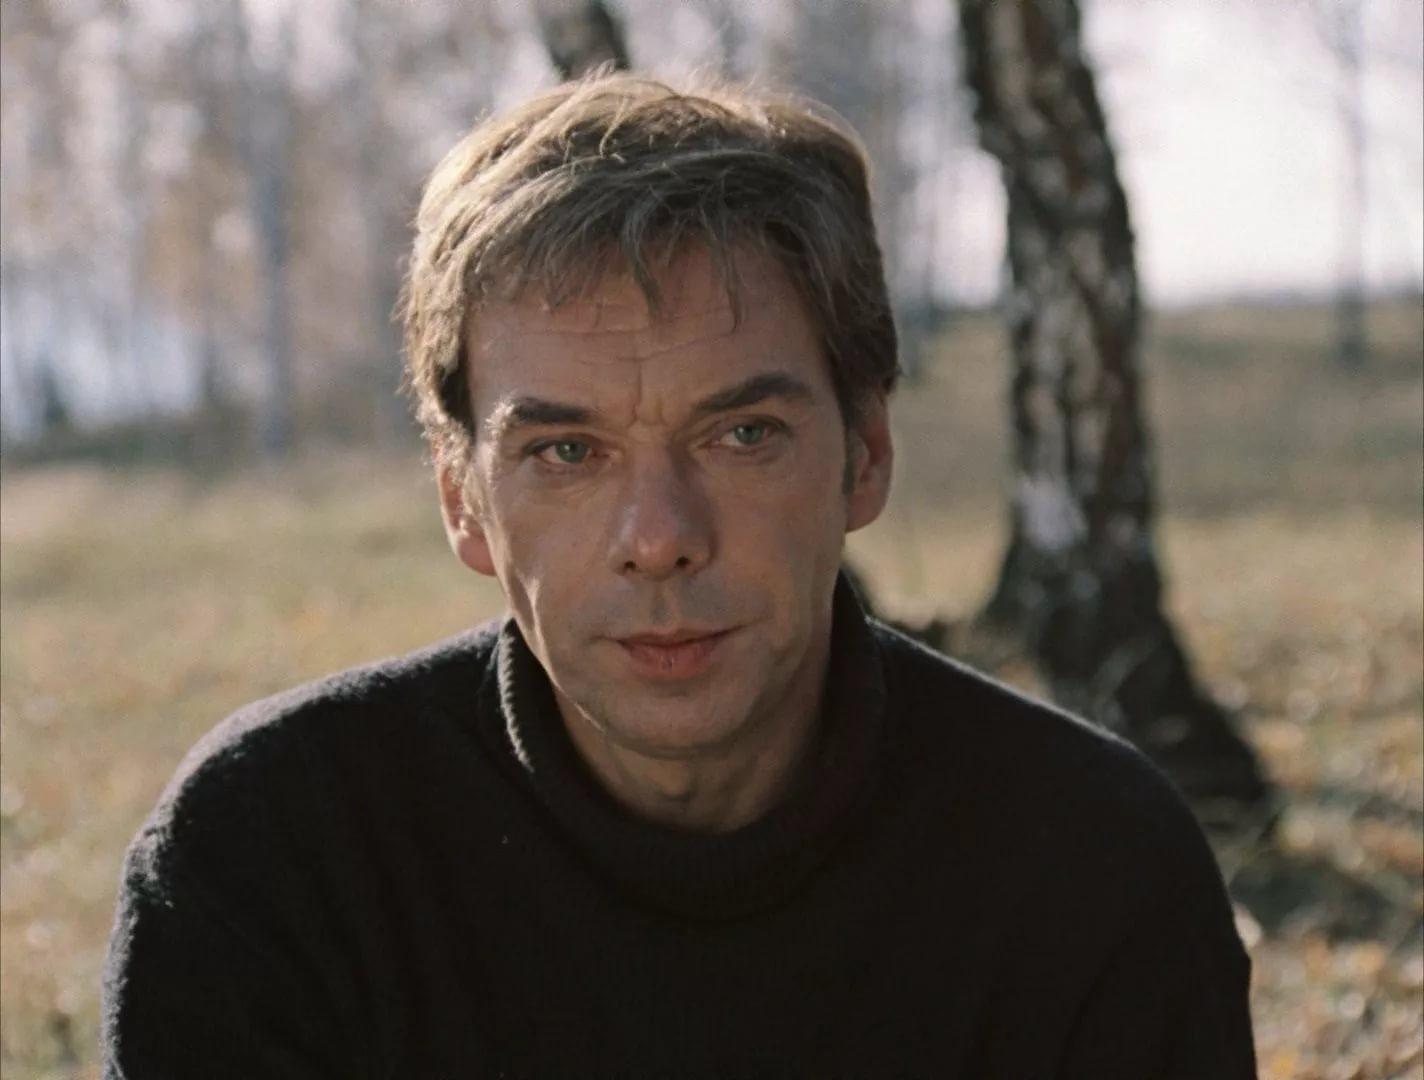 Алексей Баталов: биография, личная жизнь, семья, жена, дети, внуки — фото